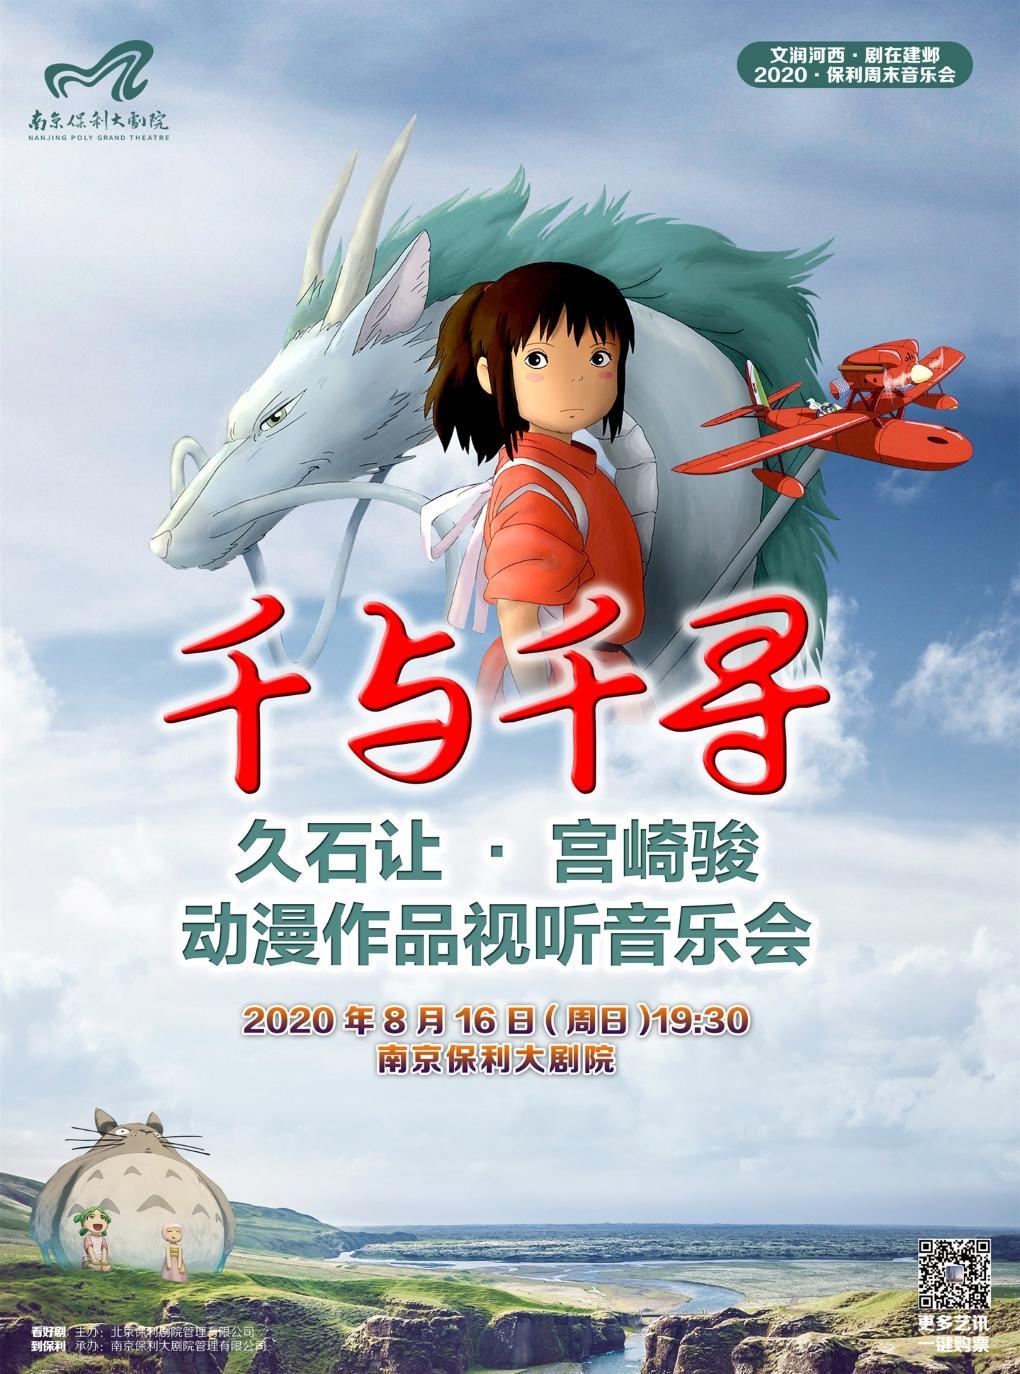 《千与千寻-久石让·宫崎骏音乐会》